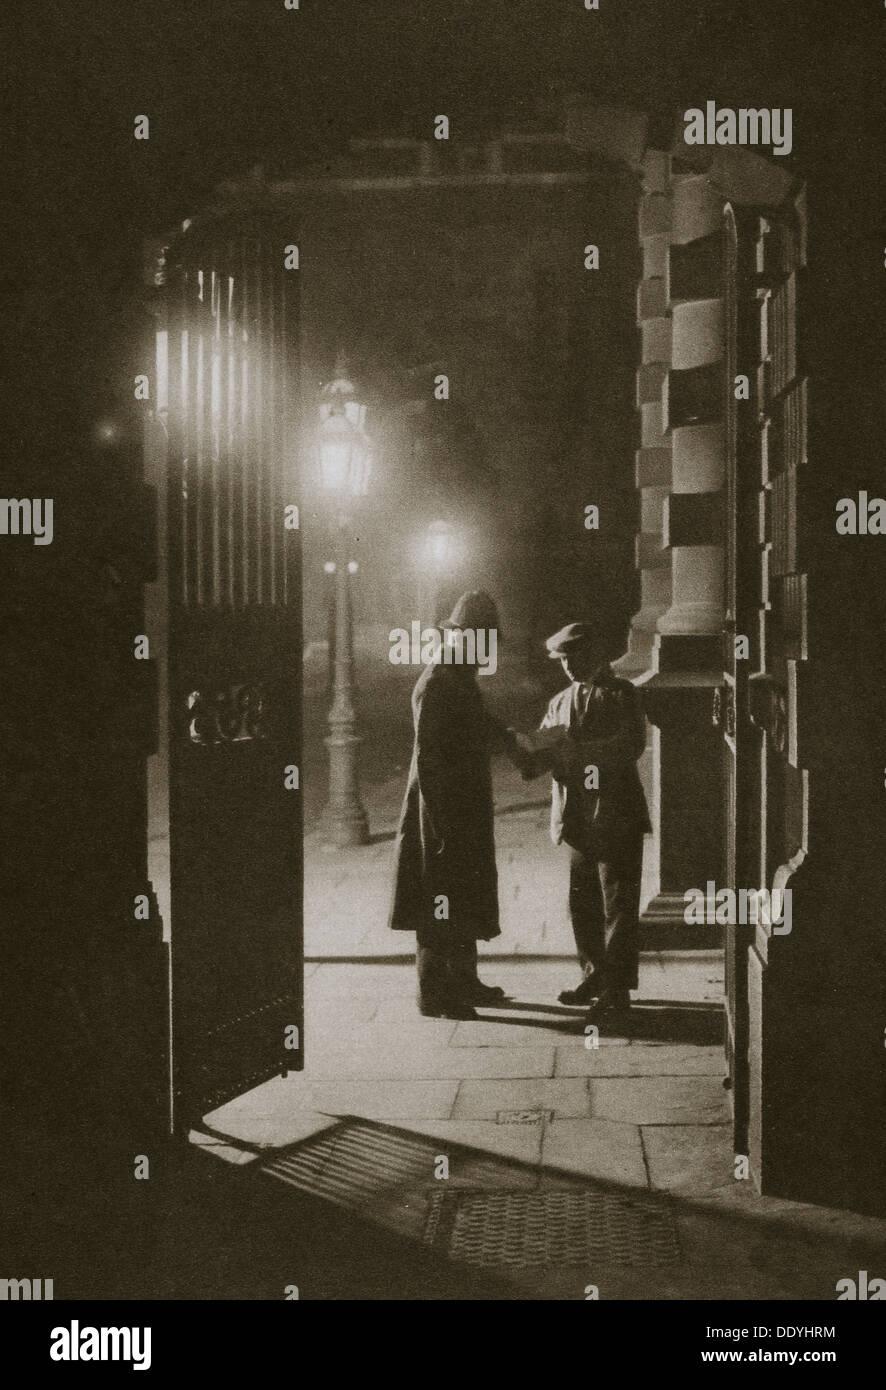 Scotland Yard nelle prime ore del mattino, il terrapieno, LONDRA, XX secolo. Artista: sconosciuto Immagini Stock